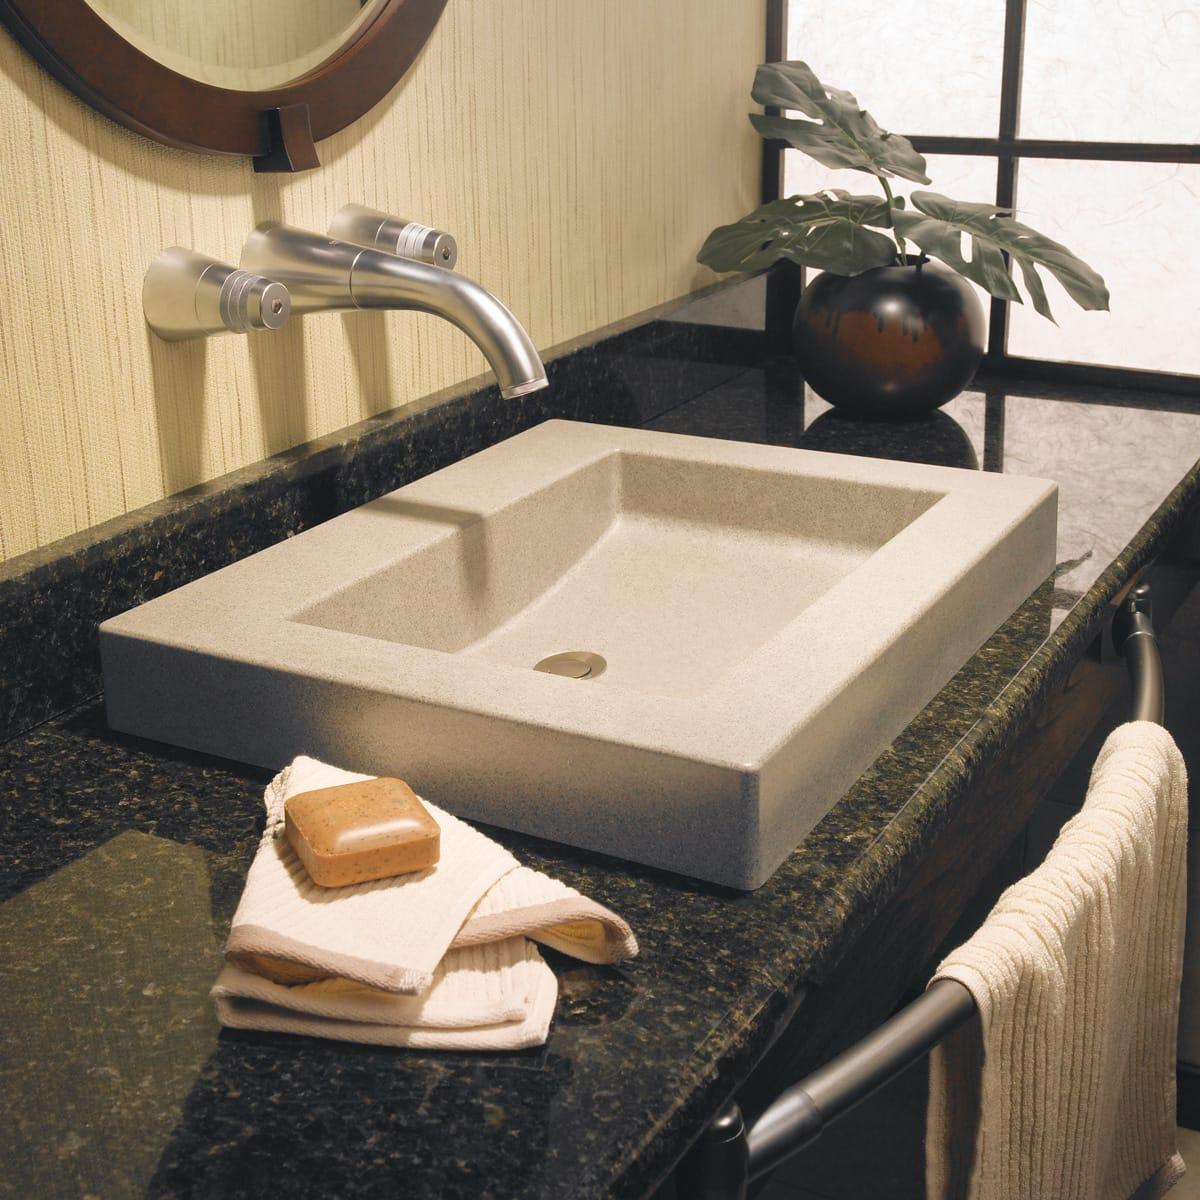 swanstone kitchen sink laminate flooring  neuconcept